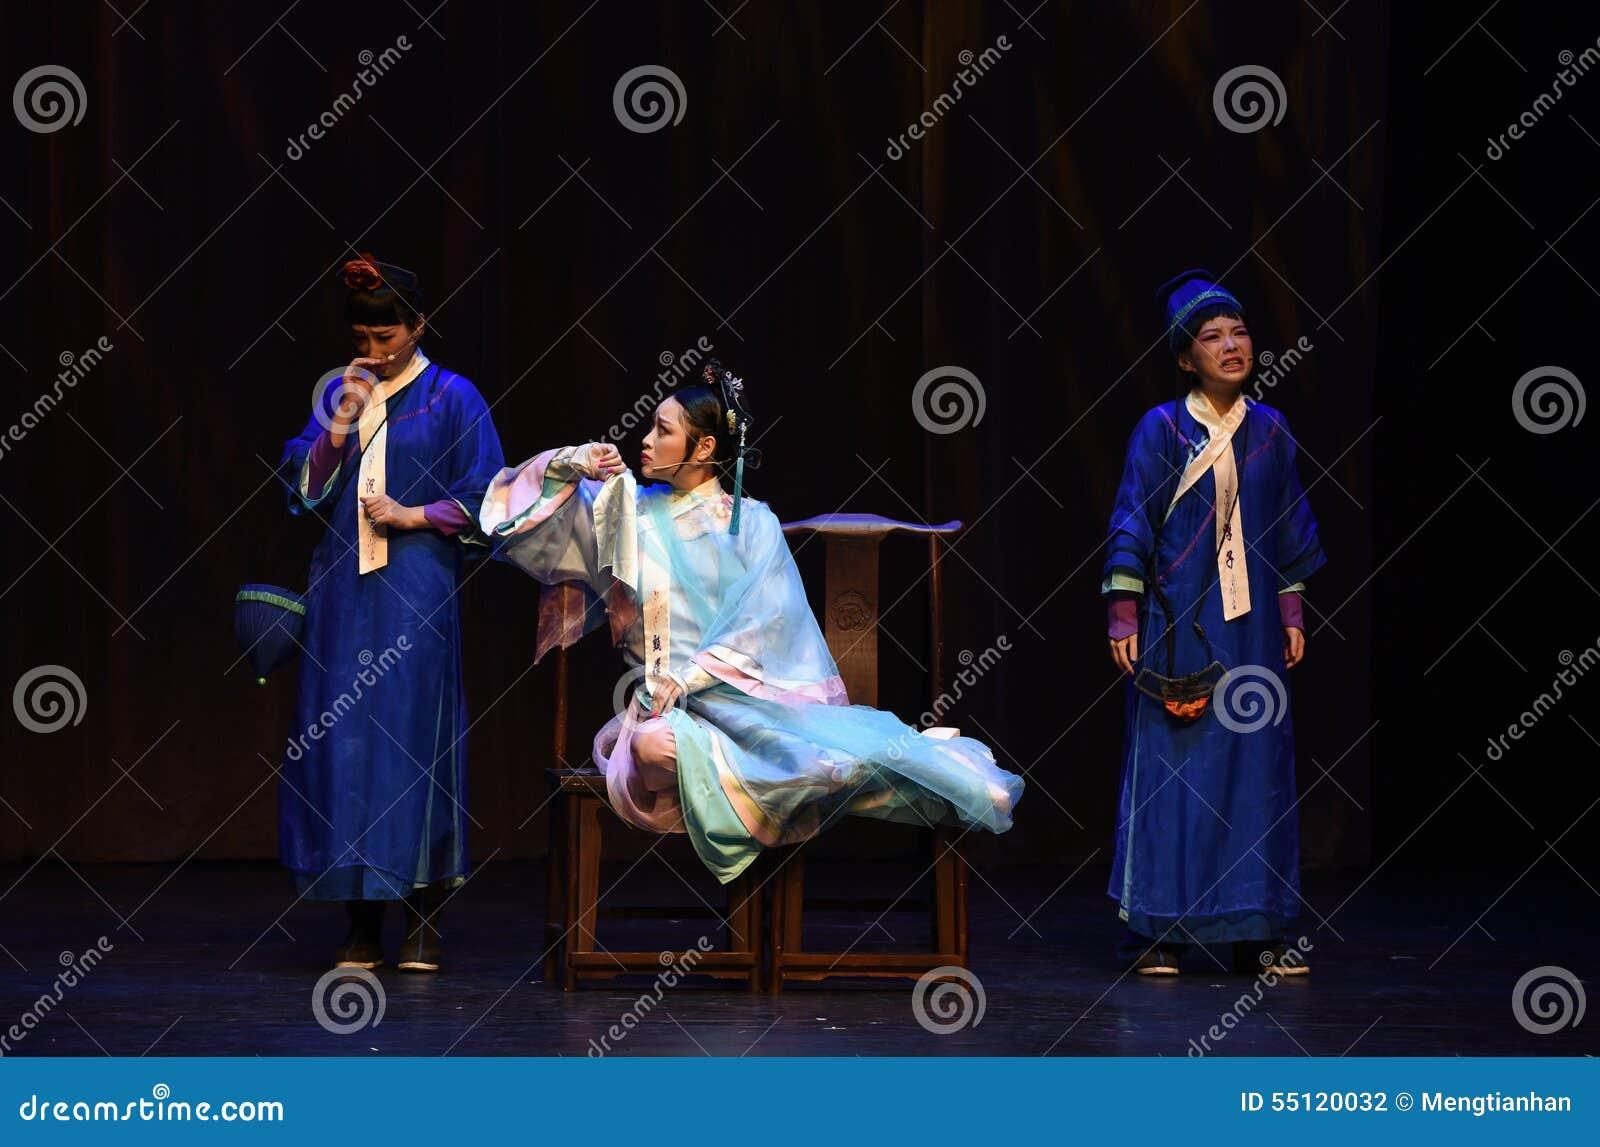 El amo y criado-en las emperatrices palacio-modernas del drama en el palacio